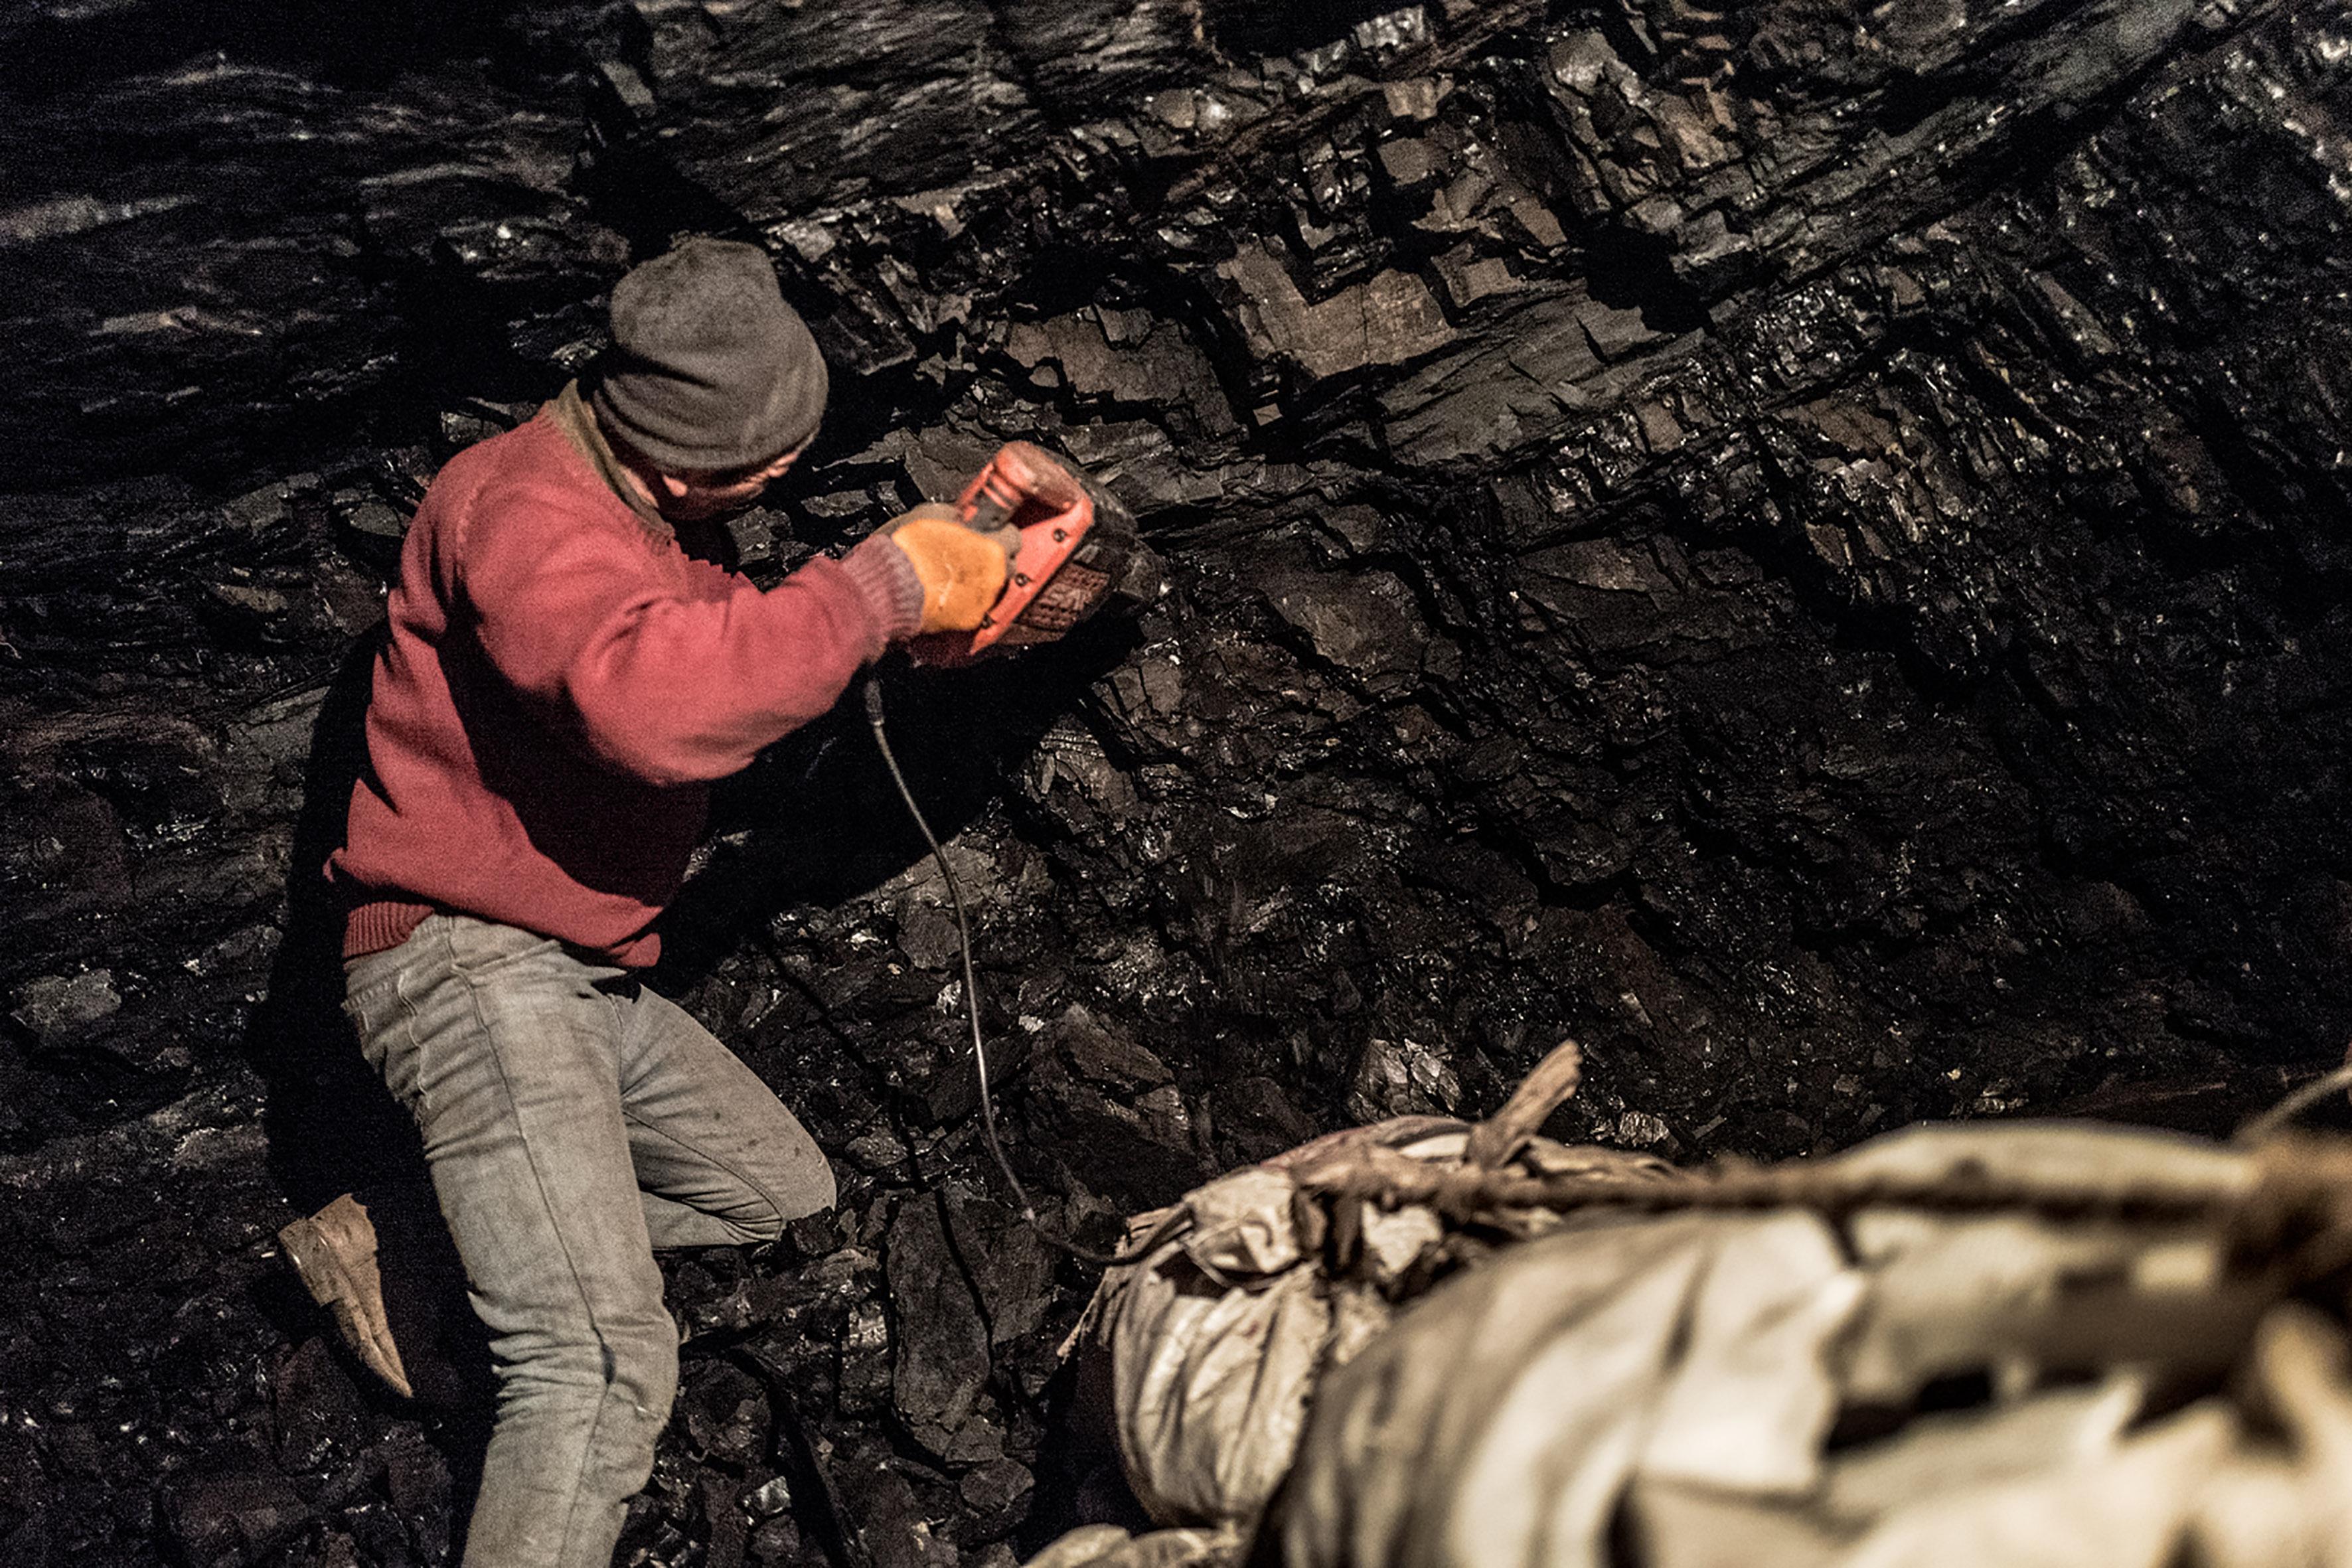 RasmusDegnbol_MNG_Coalminers_002